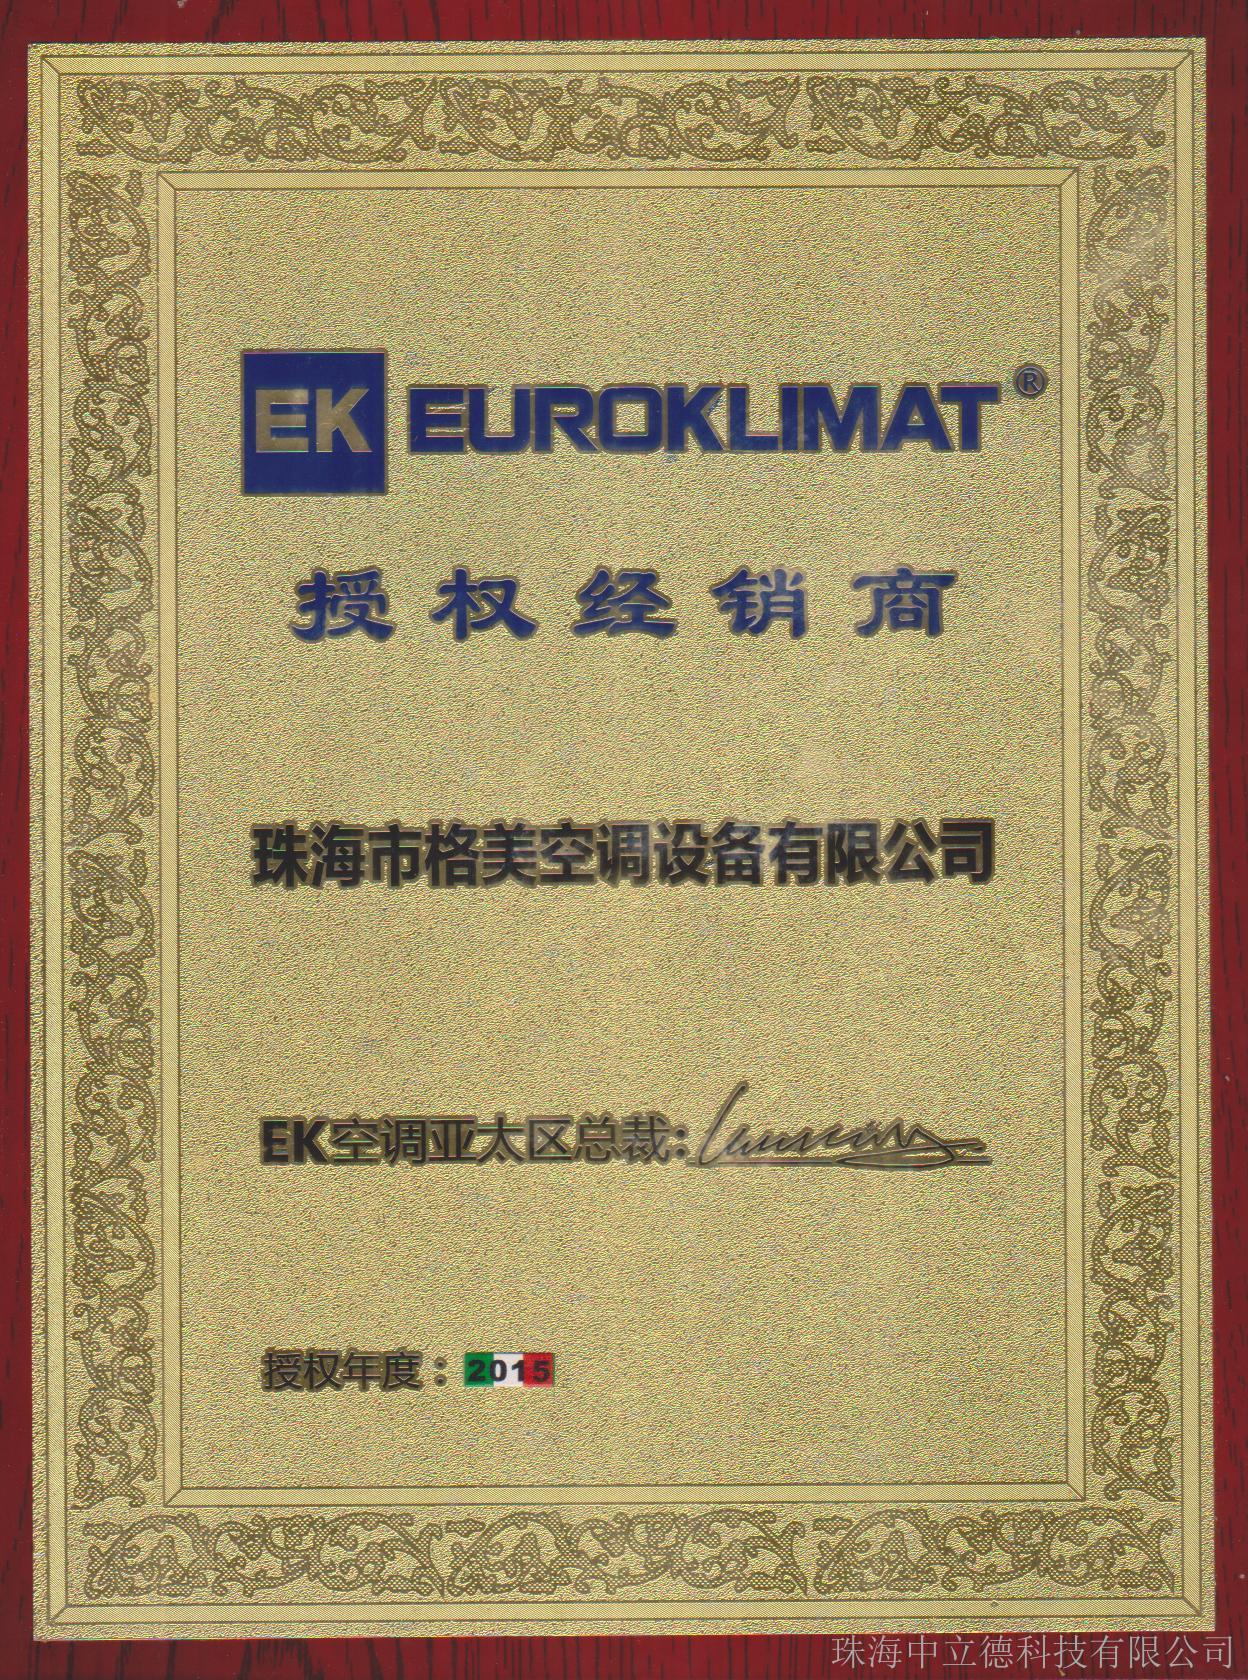 欧科空调授权证书